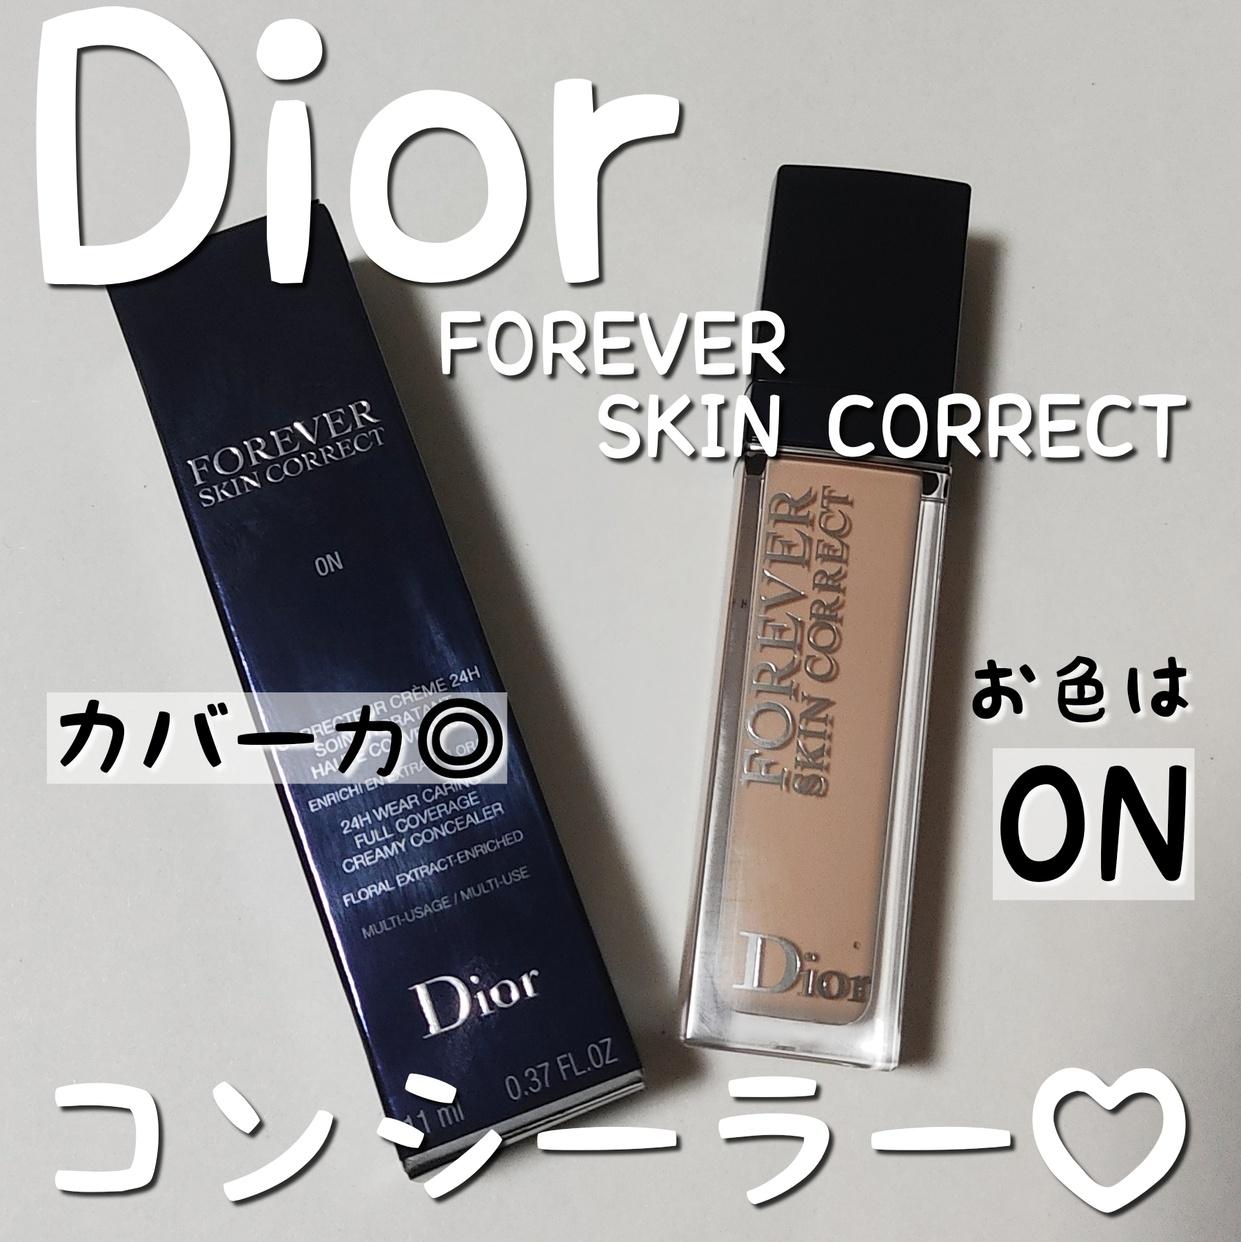 Dior(ディオール) スキン フォーエヴァー スキン コレクト コンシーラーの良い点・メリットに関するにゃにゃこさんの口コミ画像2